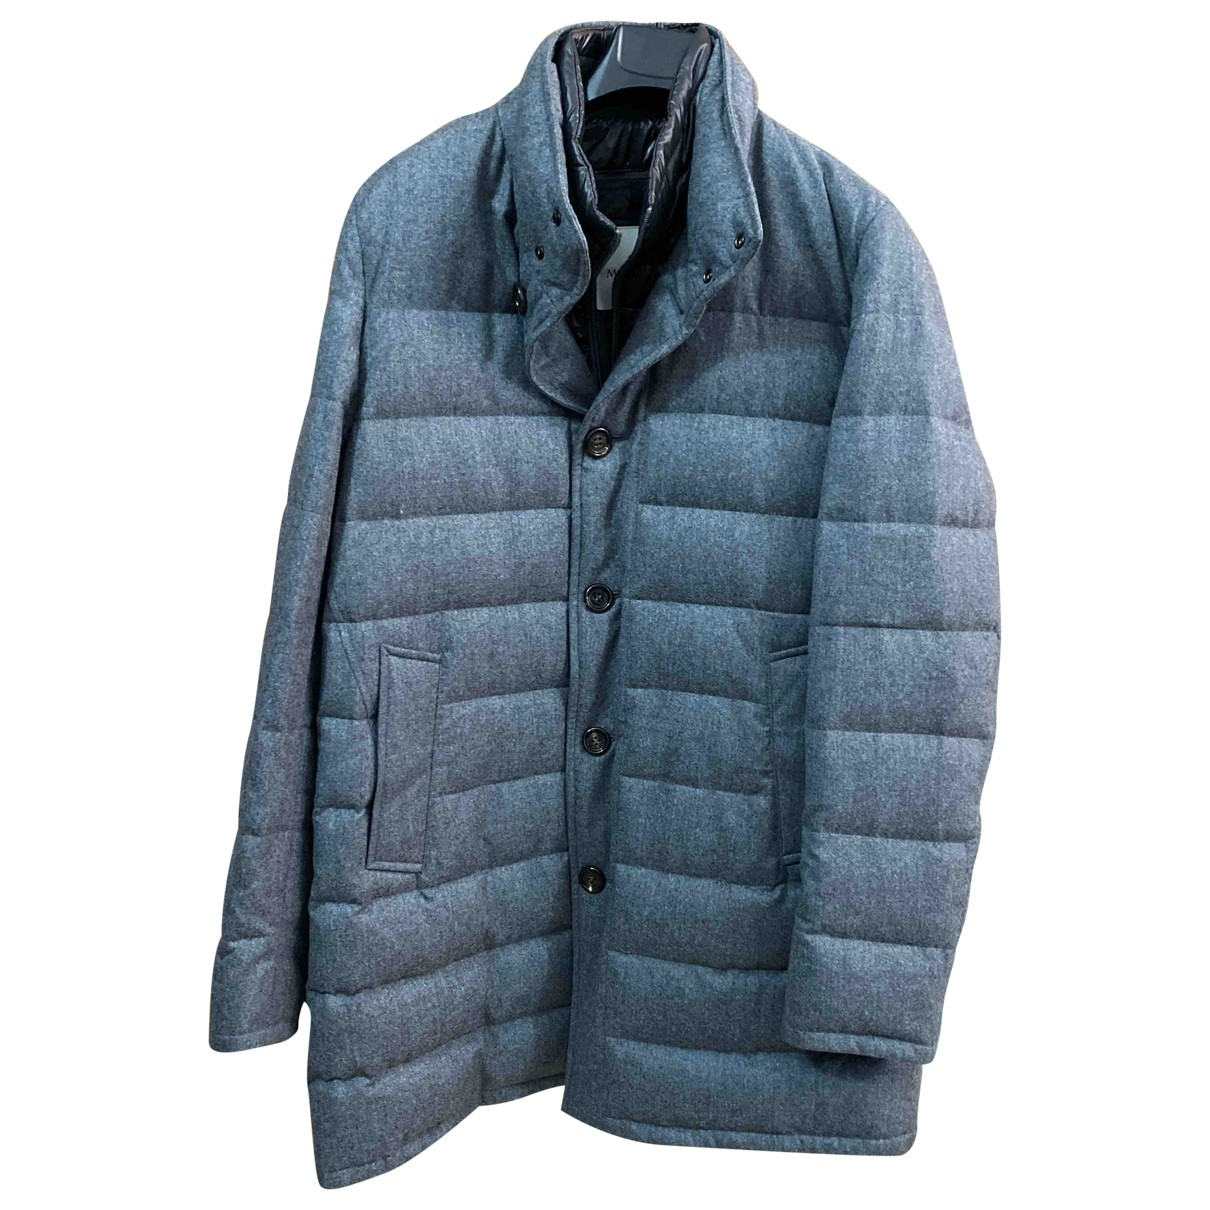 Moncler - Manteau   pour homme en laine